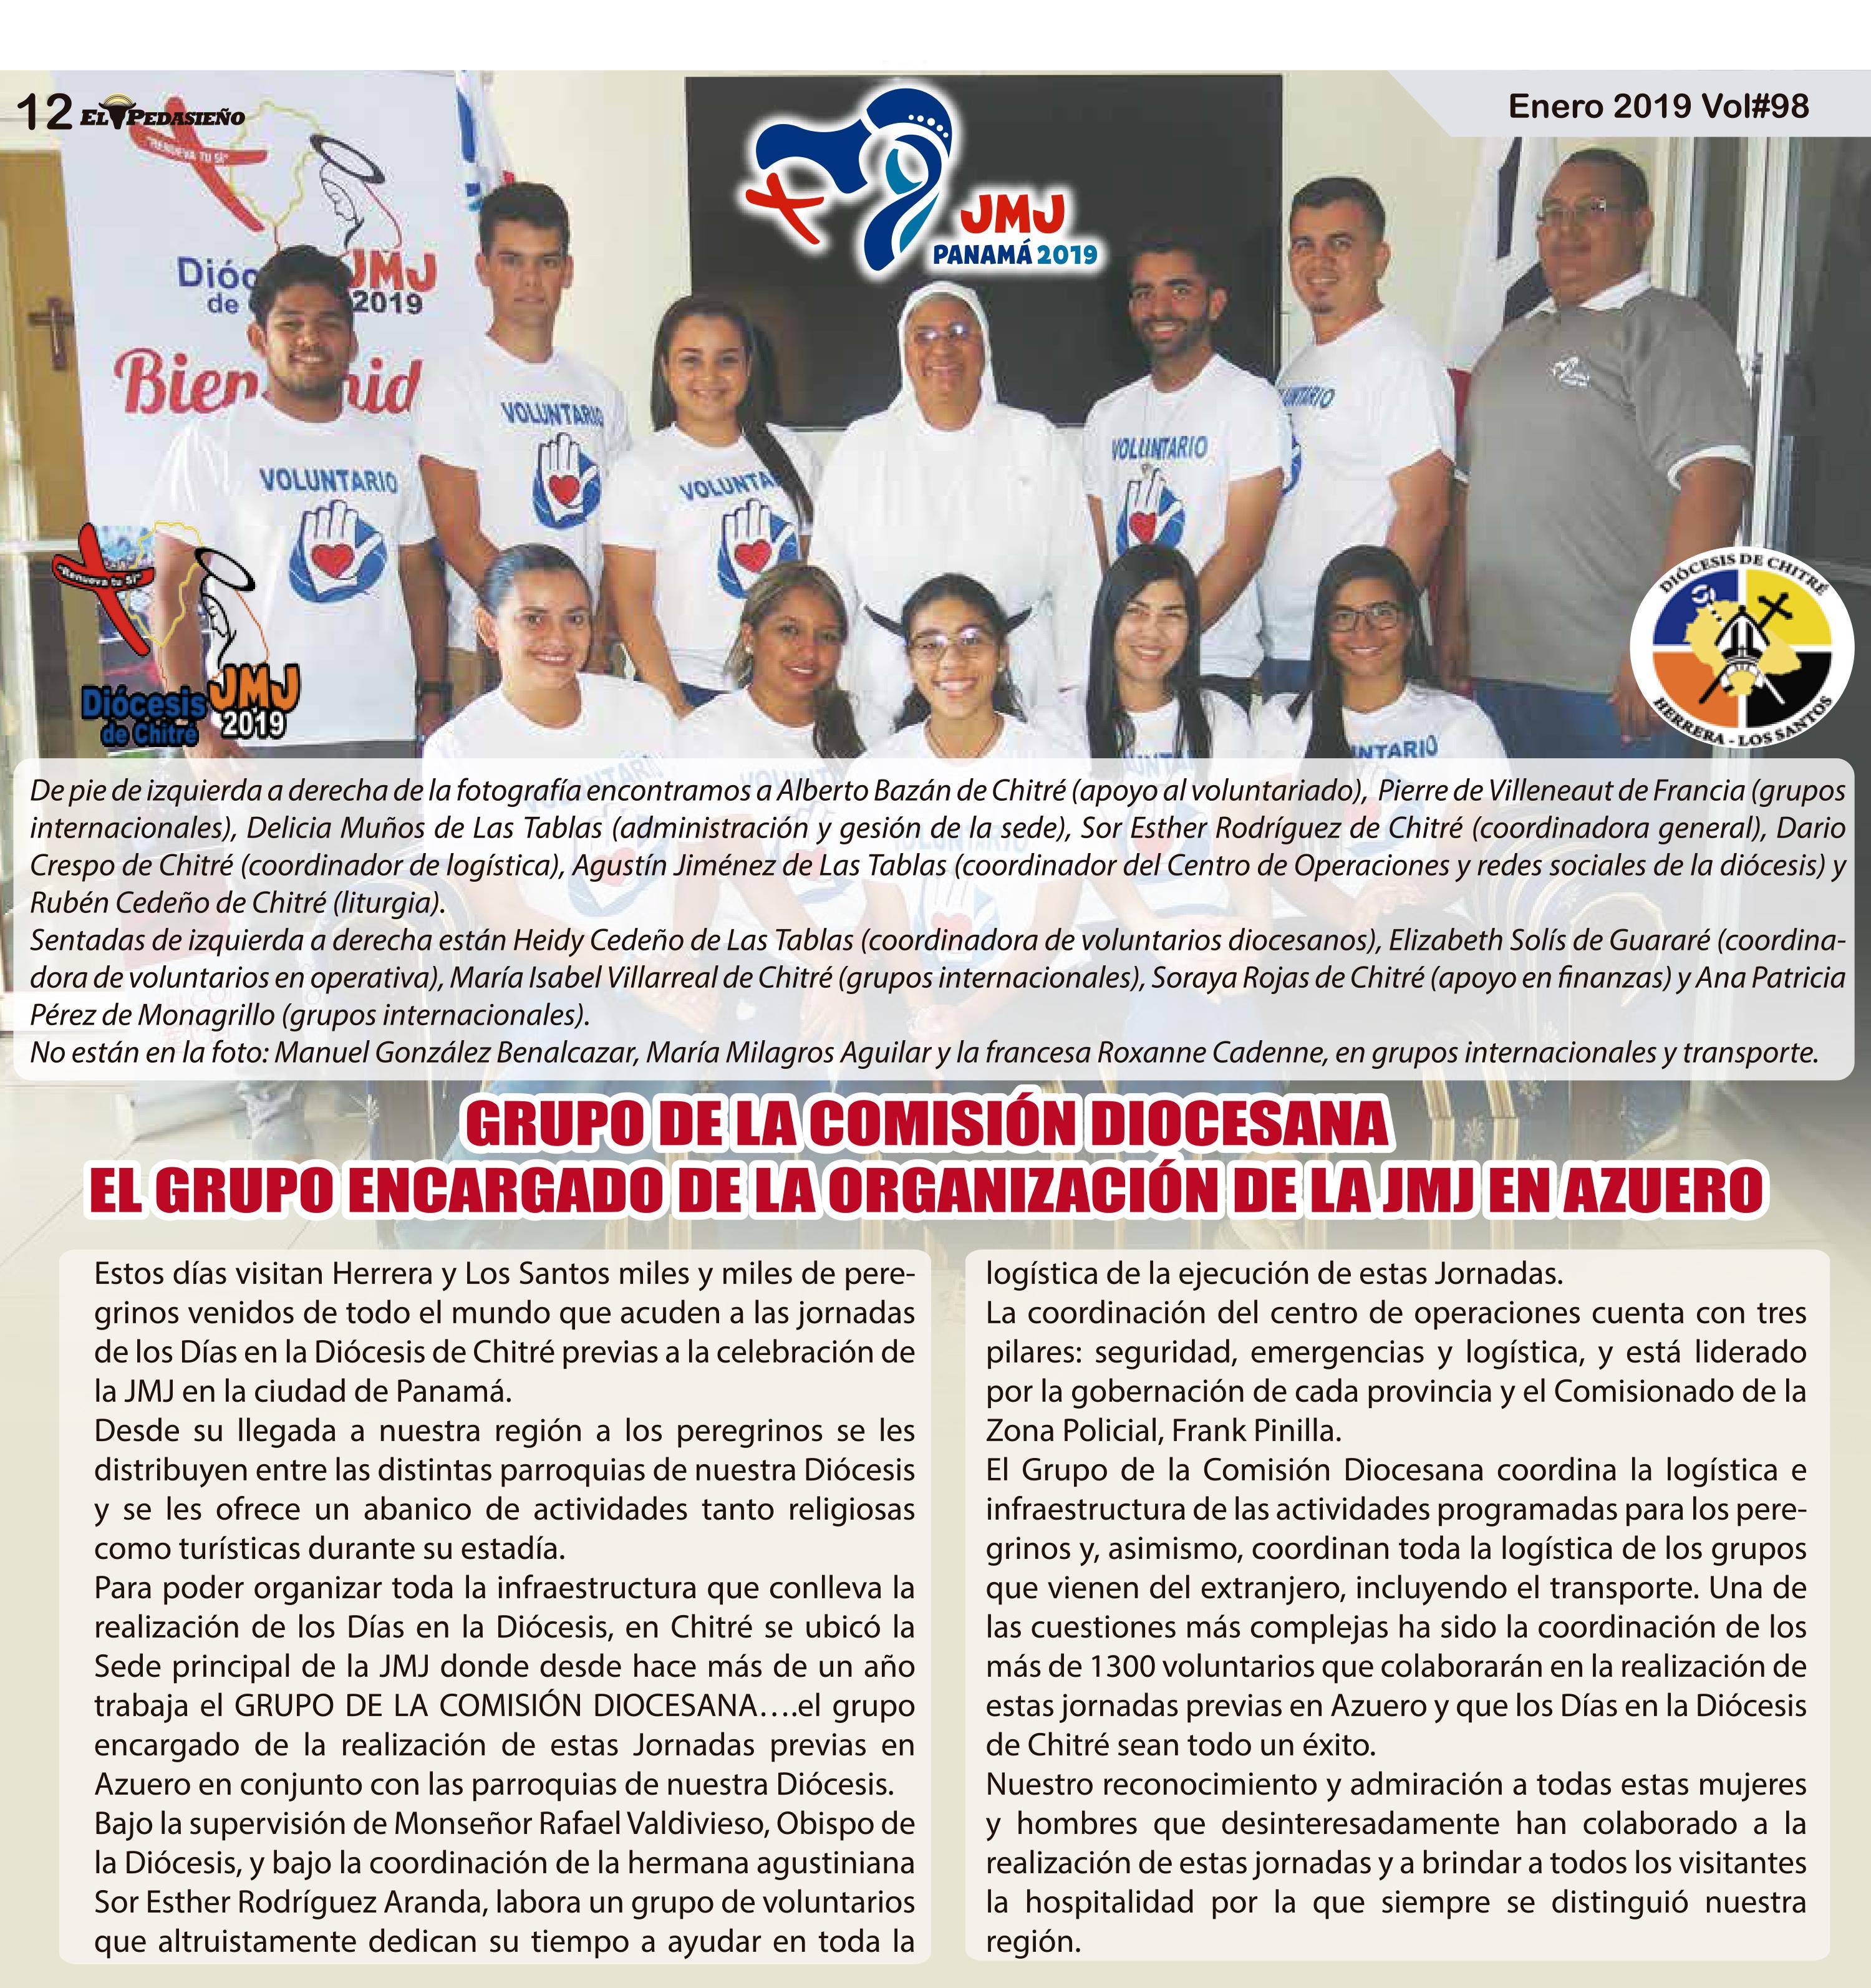 GRUPO ORGANIZADOR DE JMJ EN AZUERO